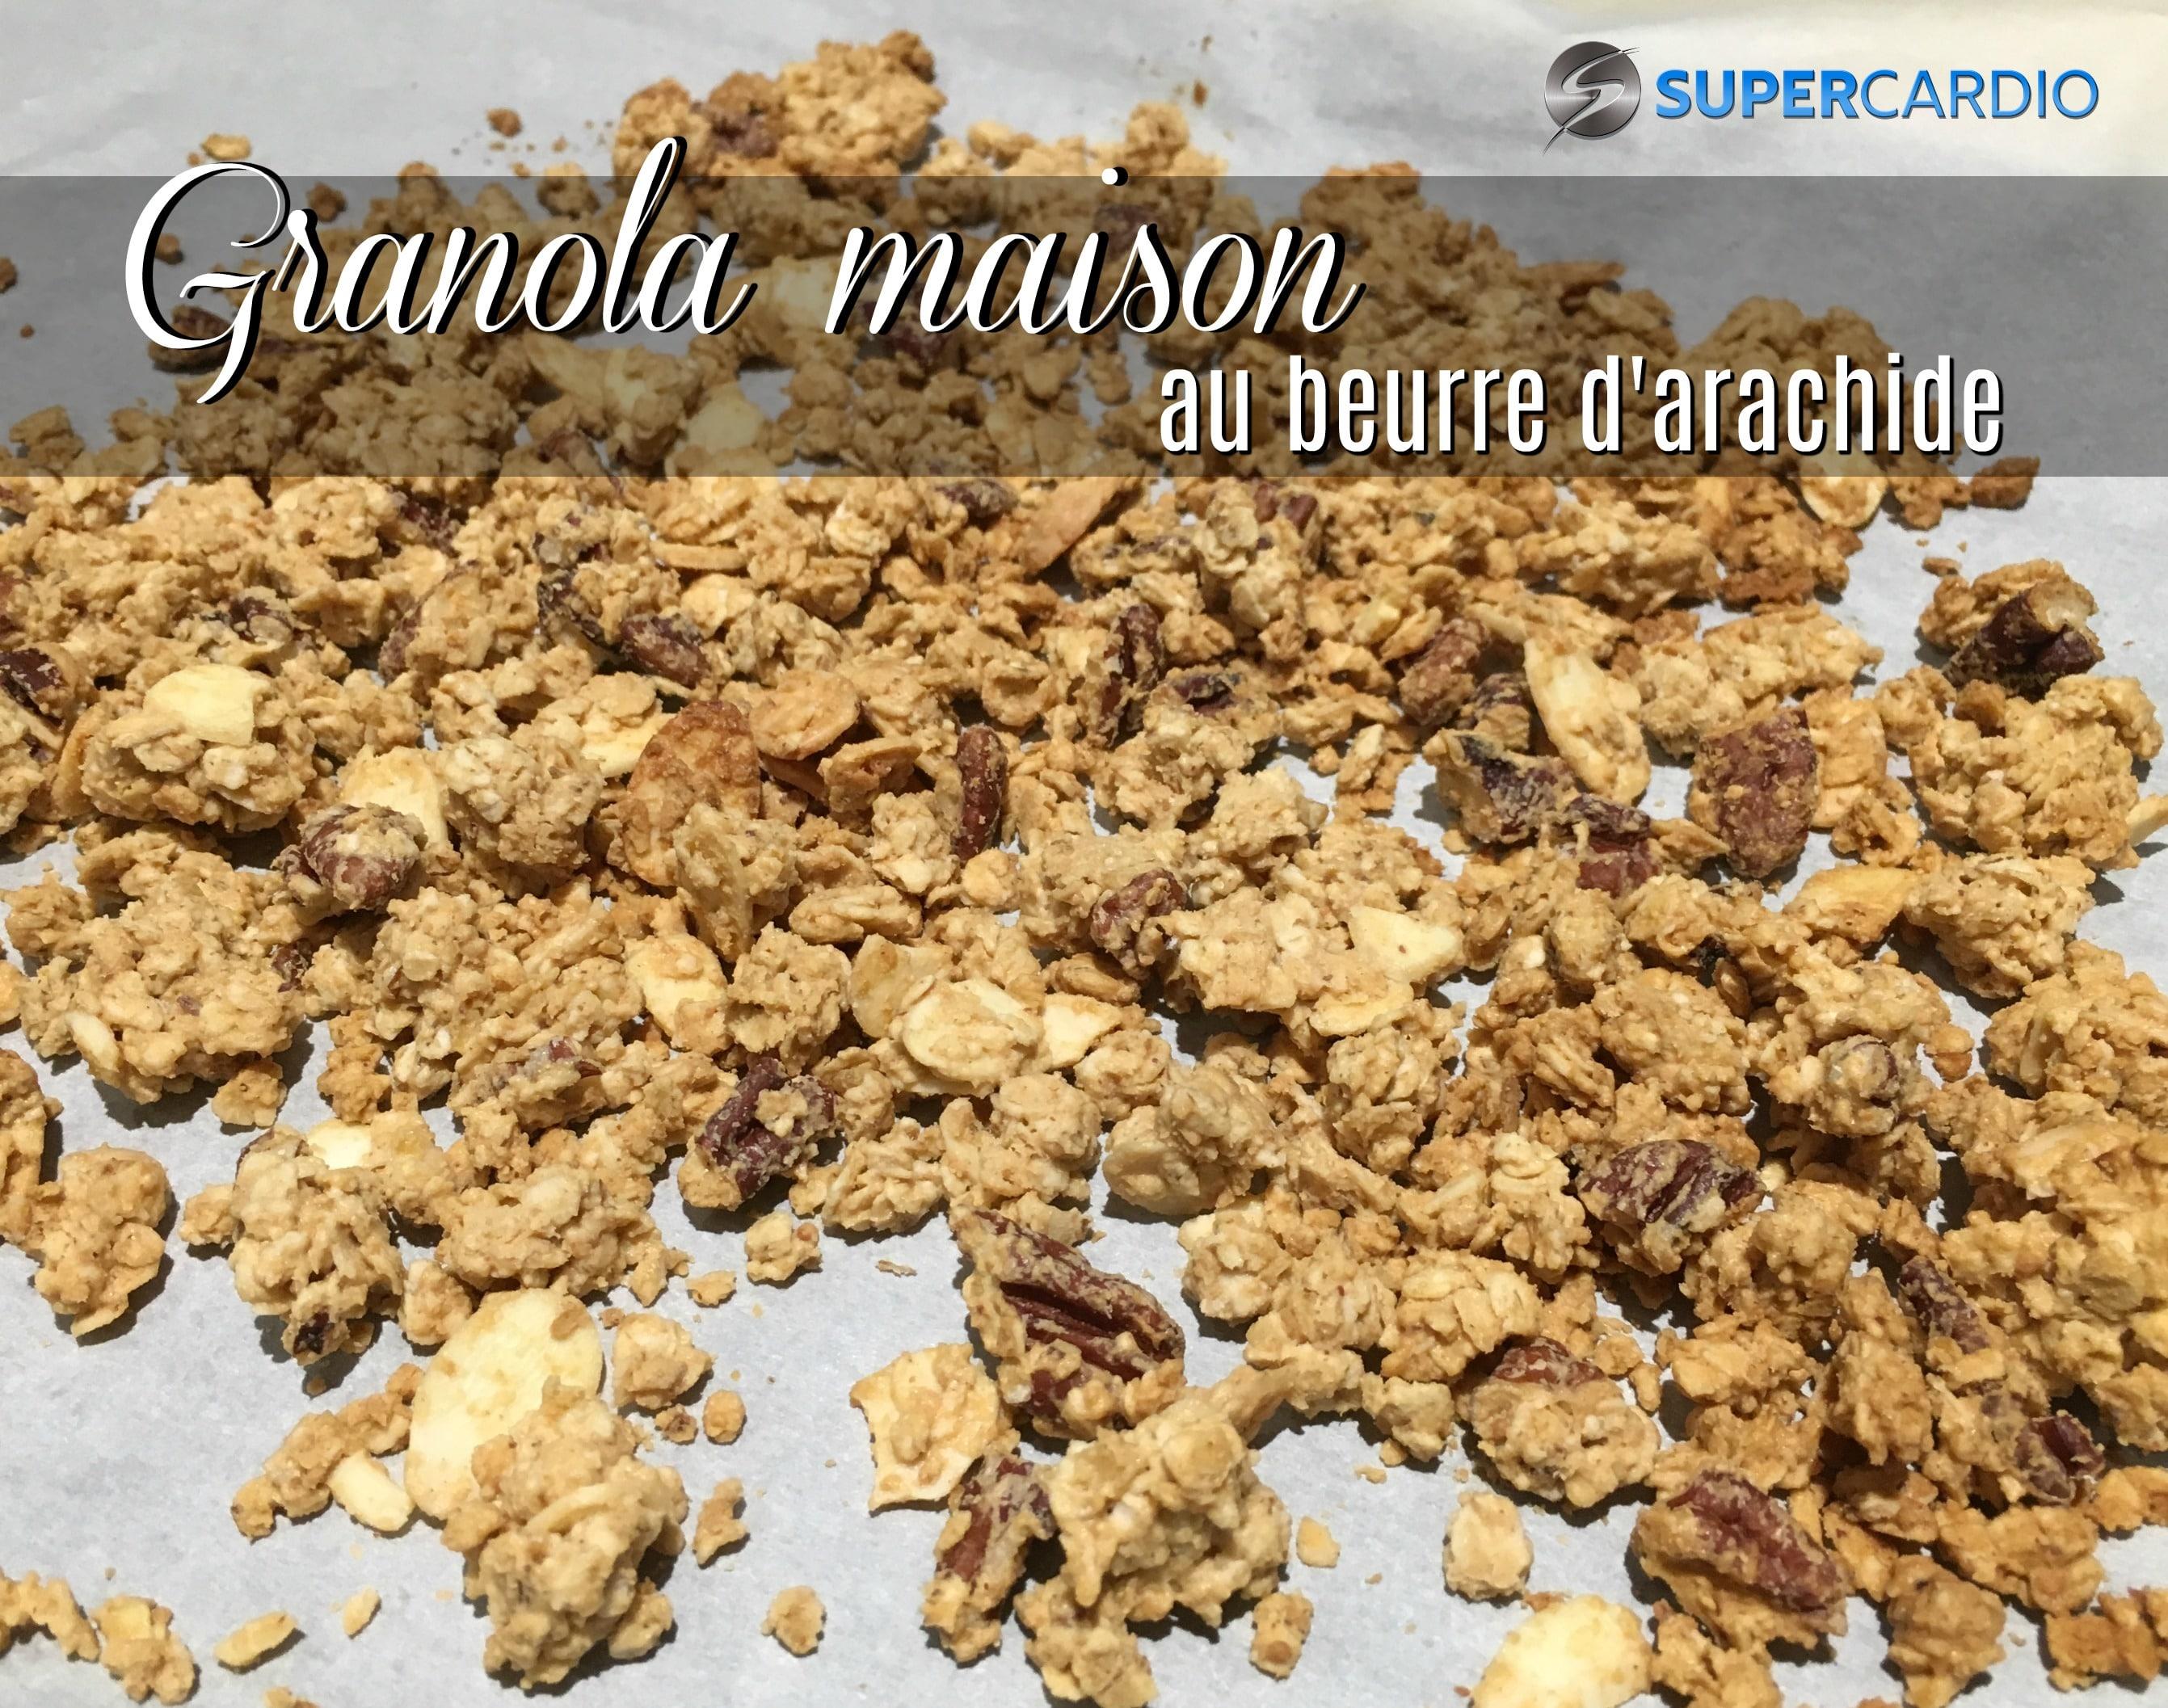 Granola maison au beurre d'arachide